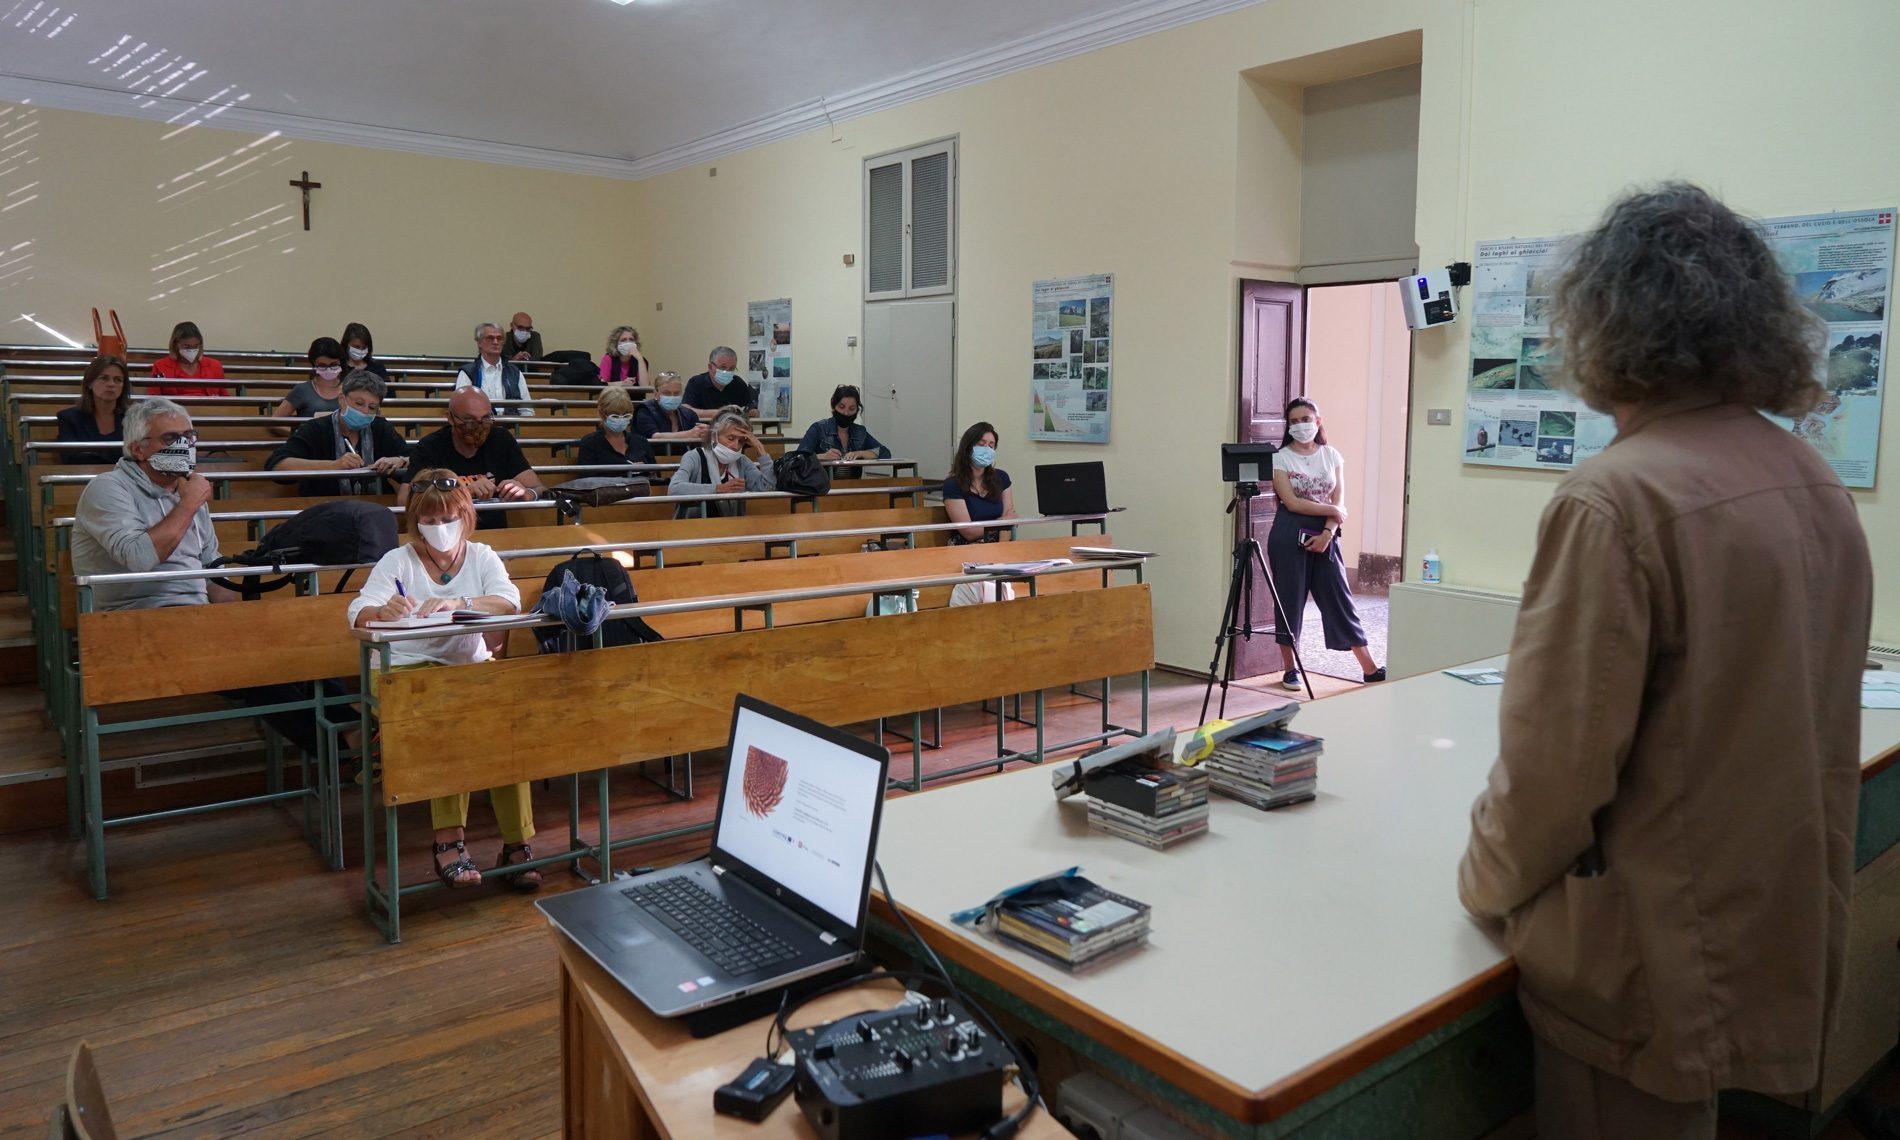 Conferenza stampa di presentazione del progetto a Domodossola - 19 giugno 2020